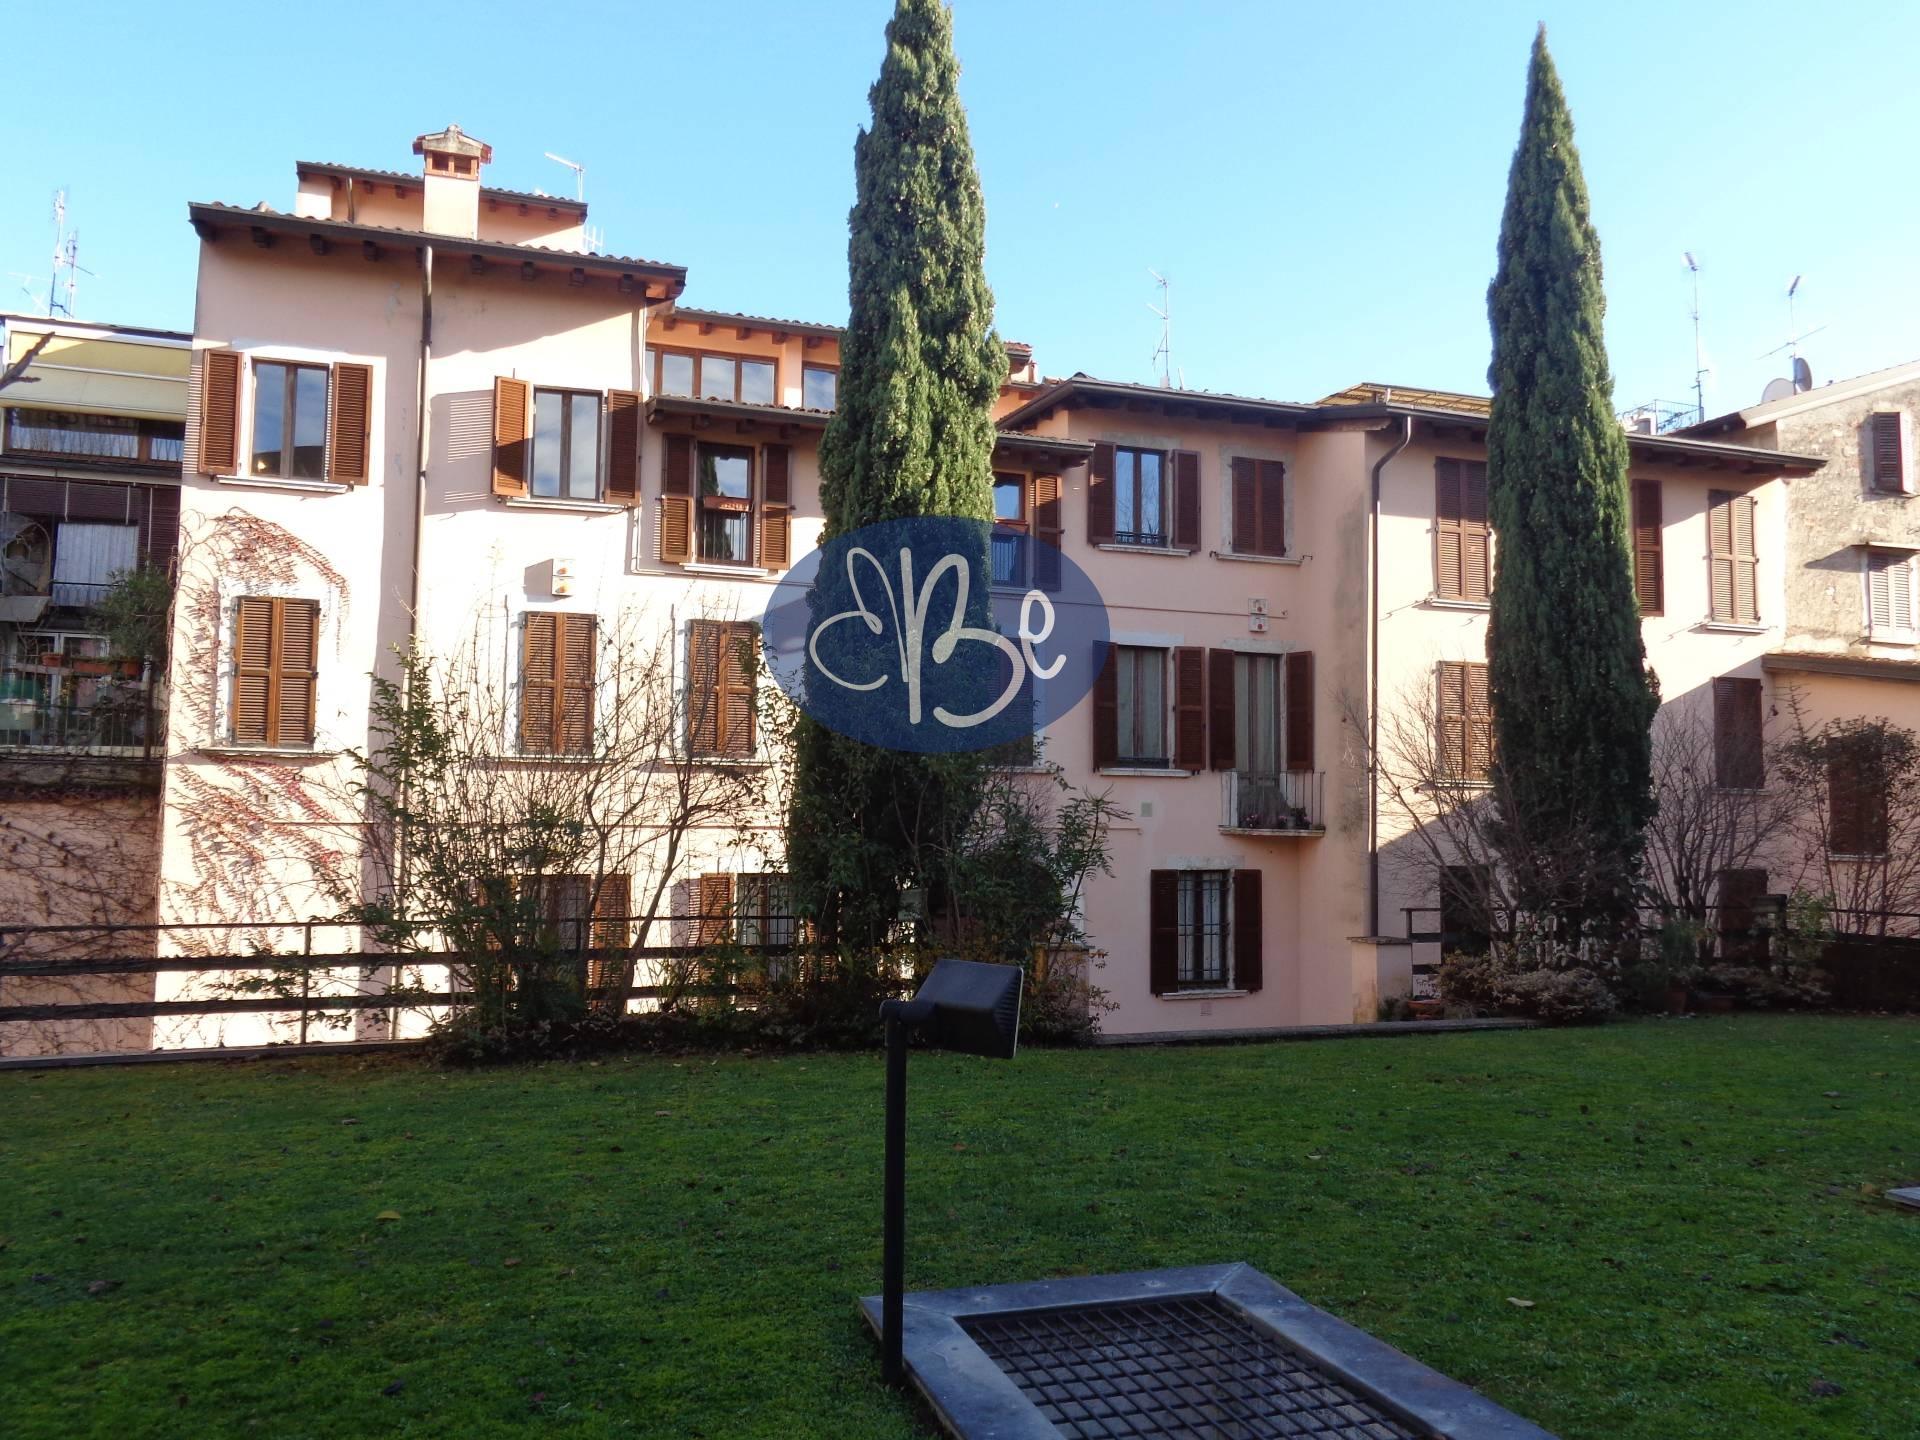 Ufficio / Studio in affitto a Salò, 9999 locali, zona Località: Salò-Centro, prezzo € 1.500 | Cambio Casa.it